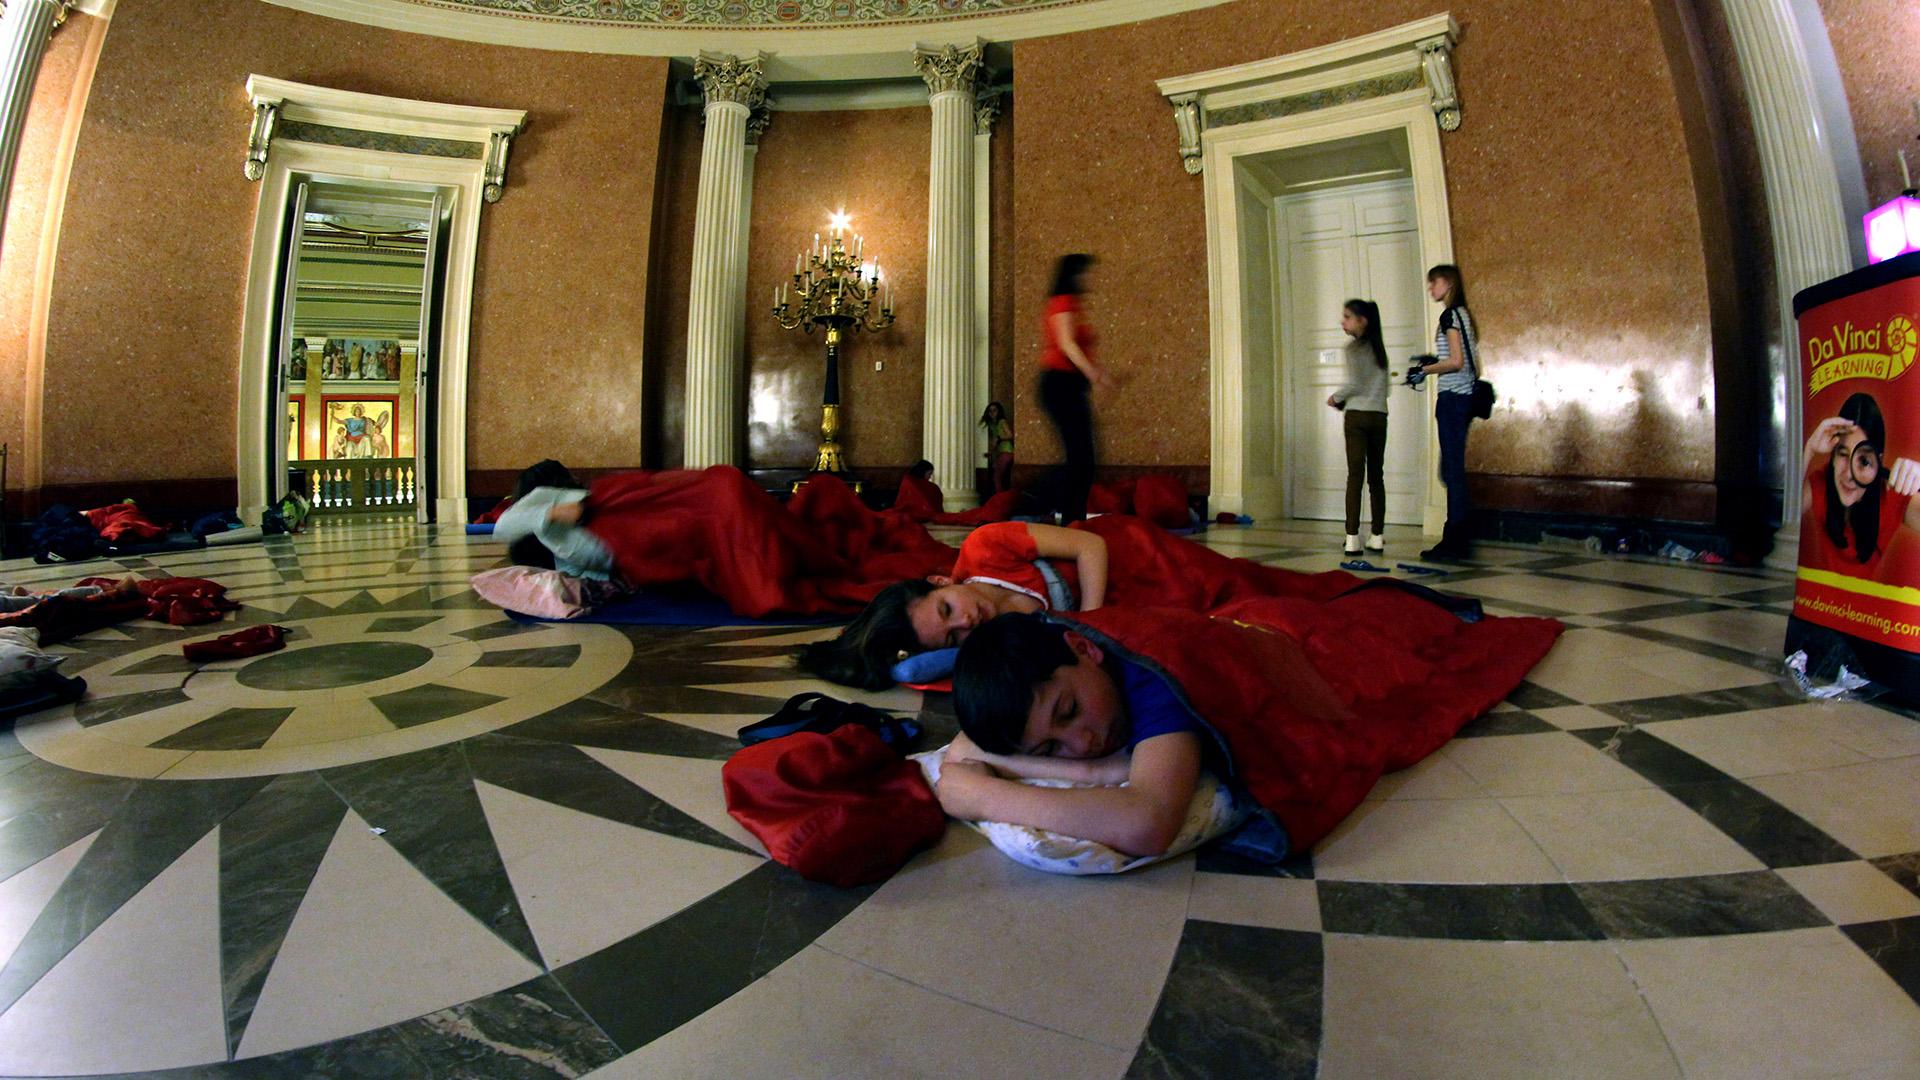 gyerekek kreatív foglalkozás lélek múzeumlátogatás pizsamaparti rólunk szól